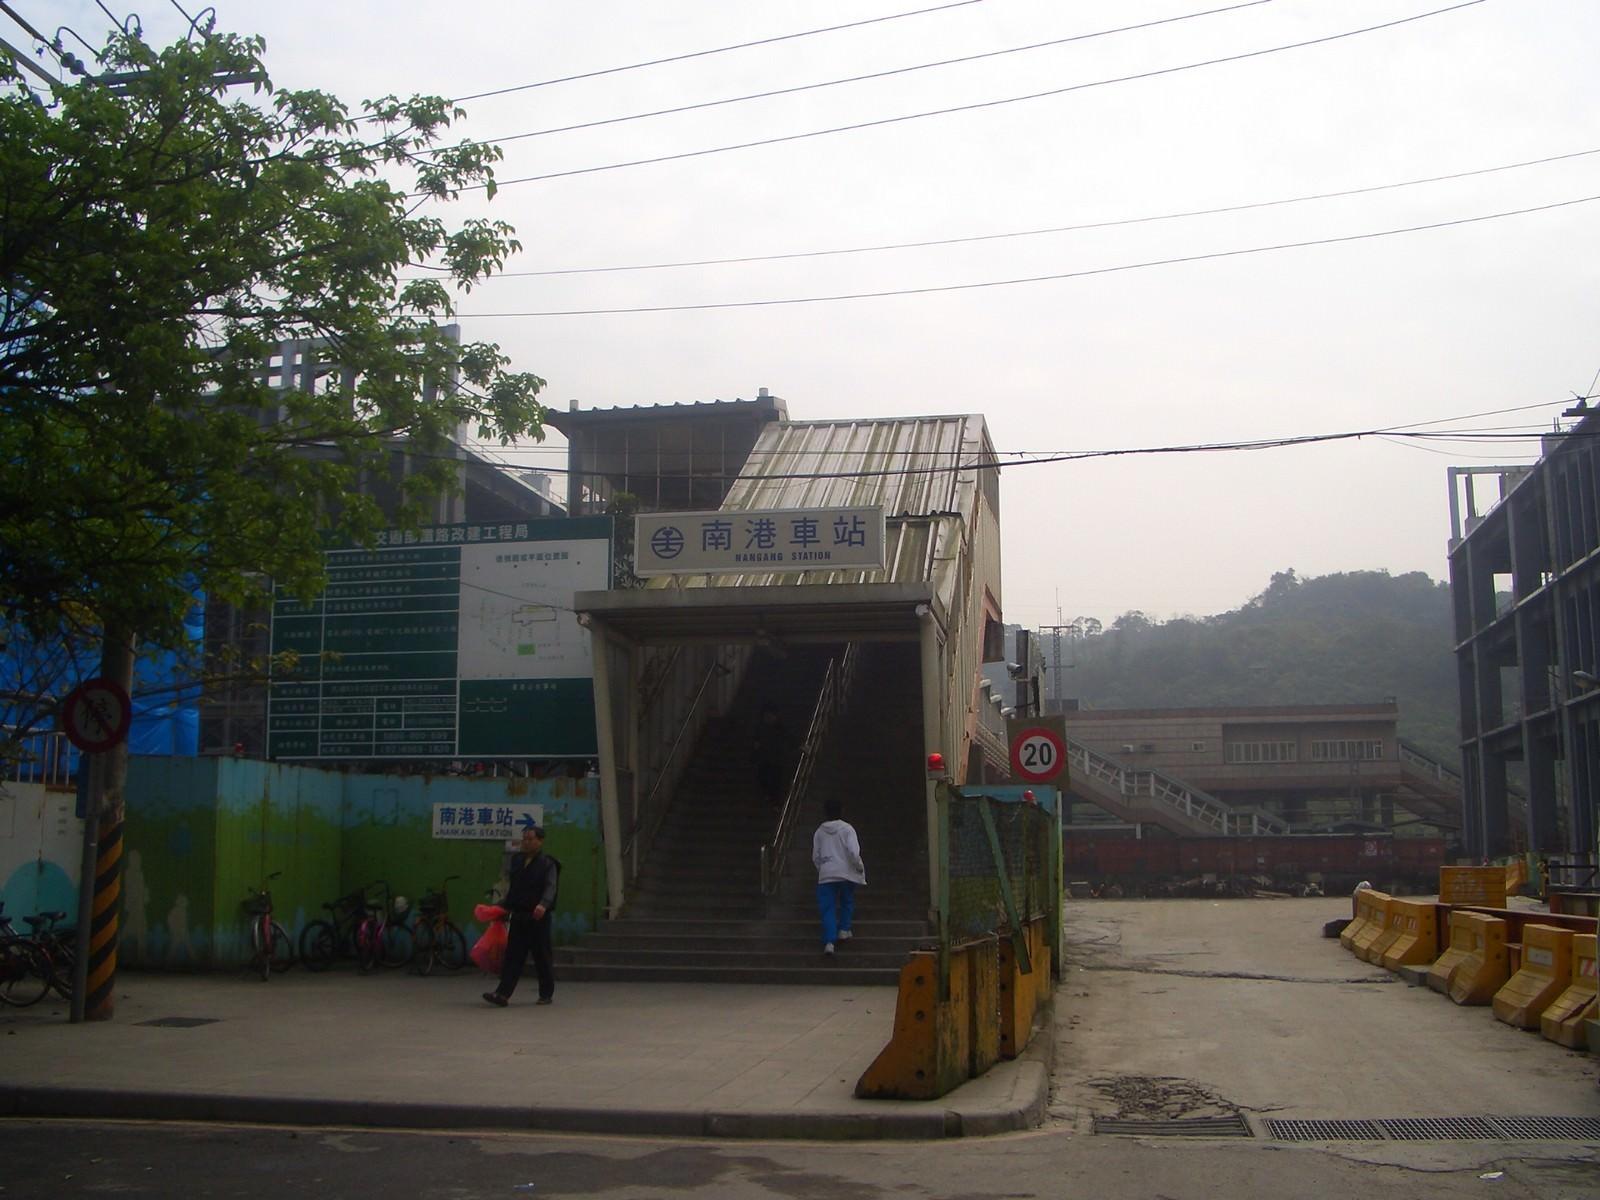 南港車站, 鐵路地下化